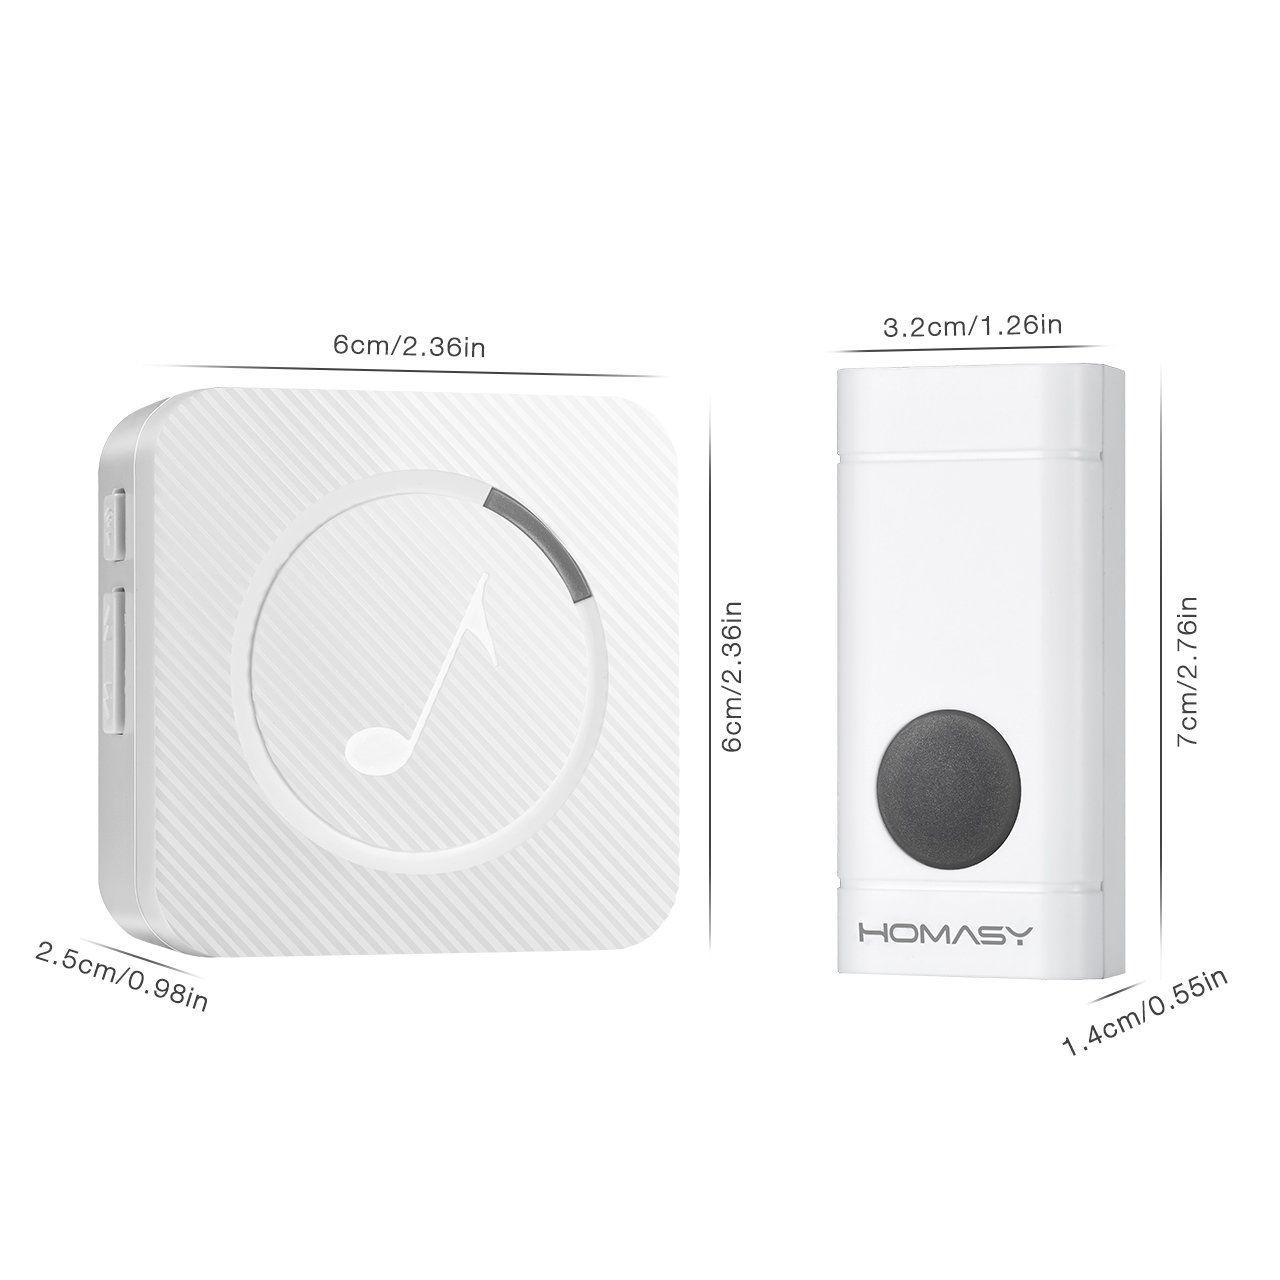 Homasy wireless doorbell waterproof door bell kit 52